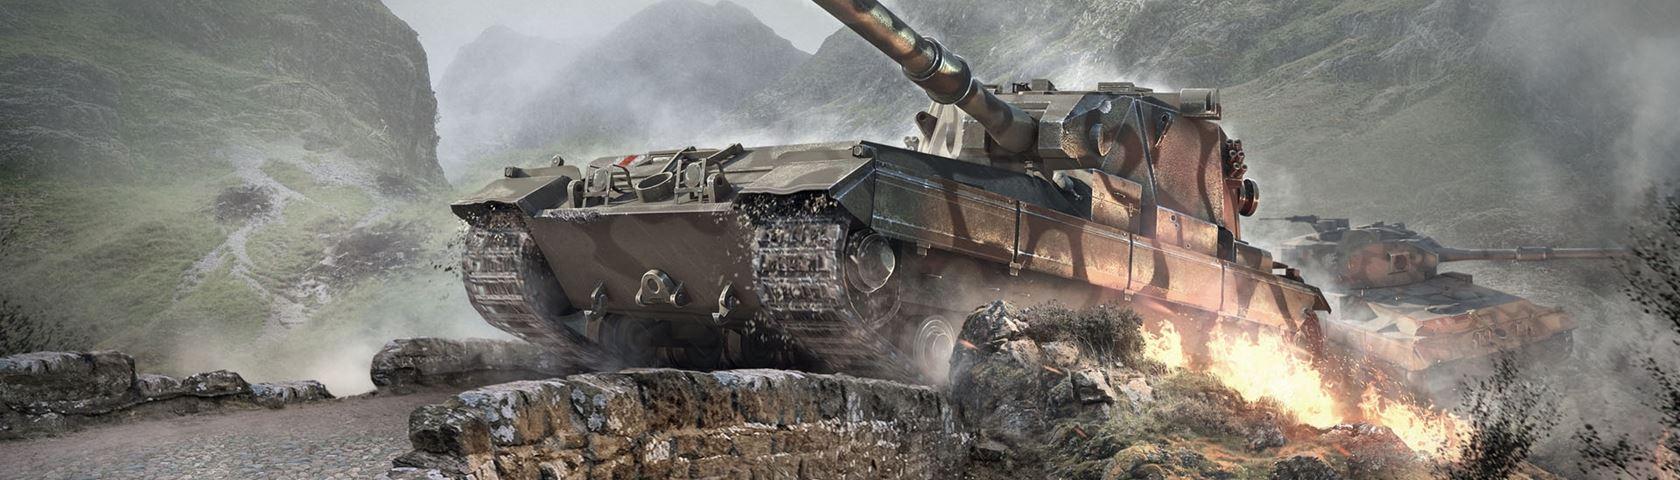 World of Tanks: FV215b